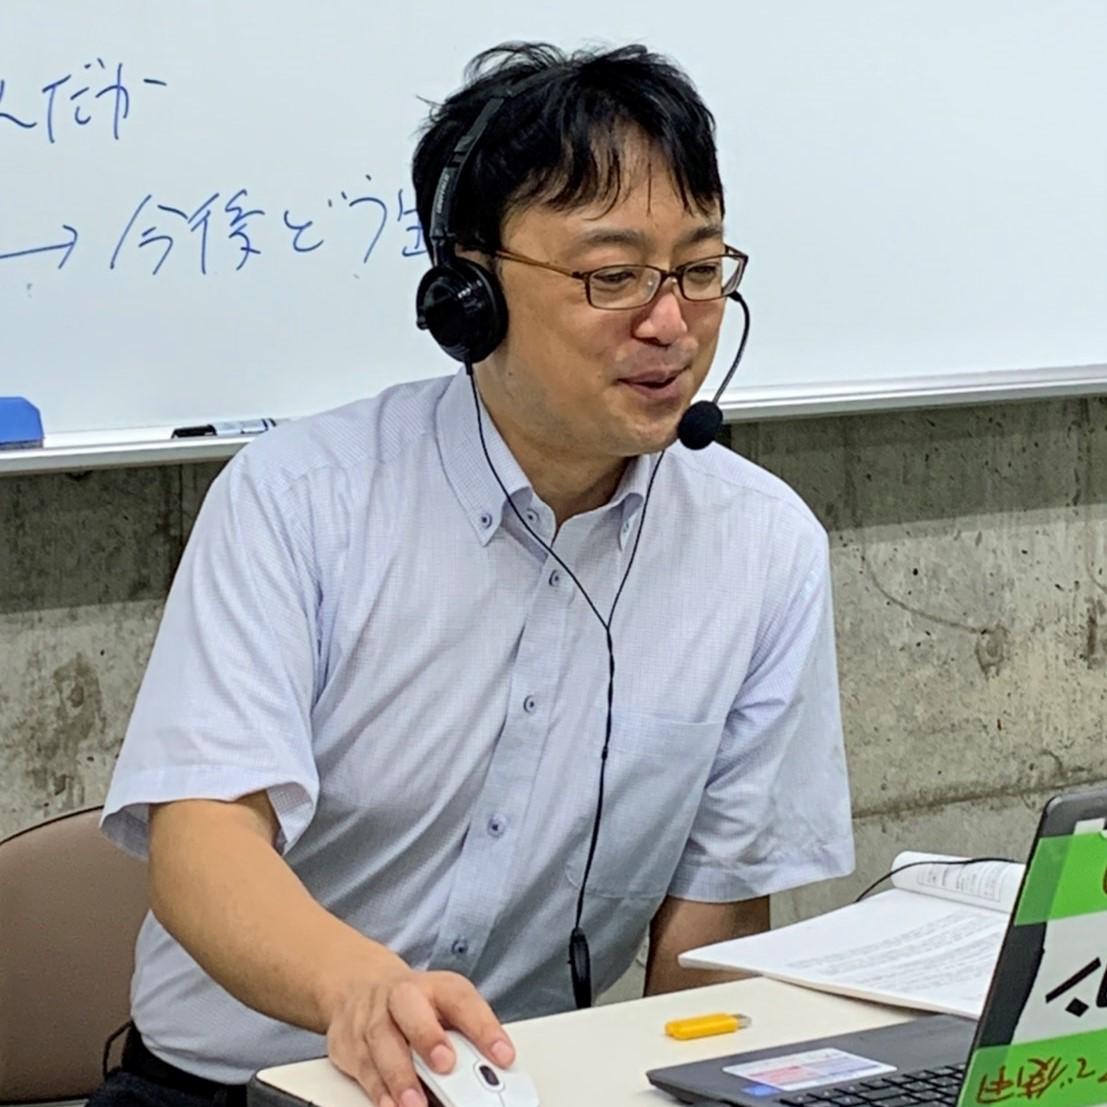 http://www.e-taishin.com/feature/img/%E5%B0%8F%E8%AB%96%E6%96%87.2020.8.1.online.jpg